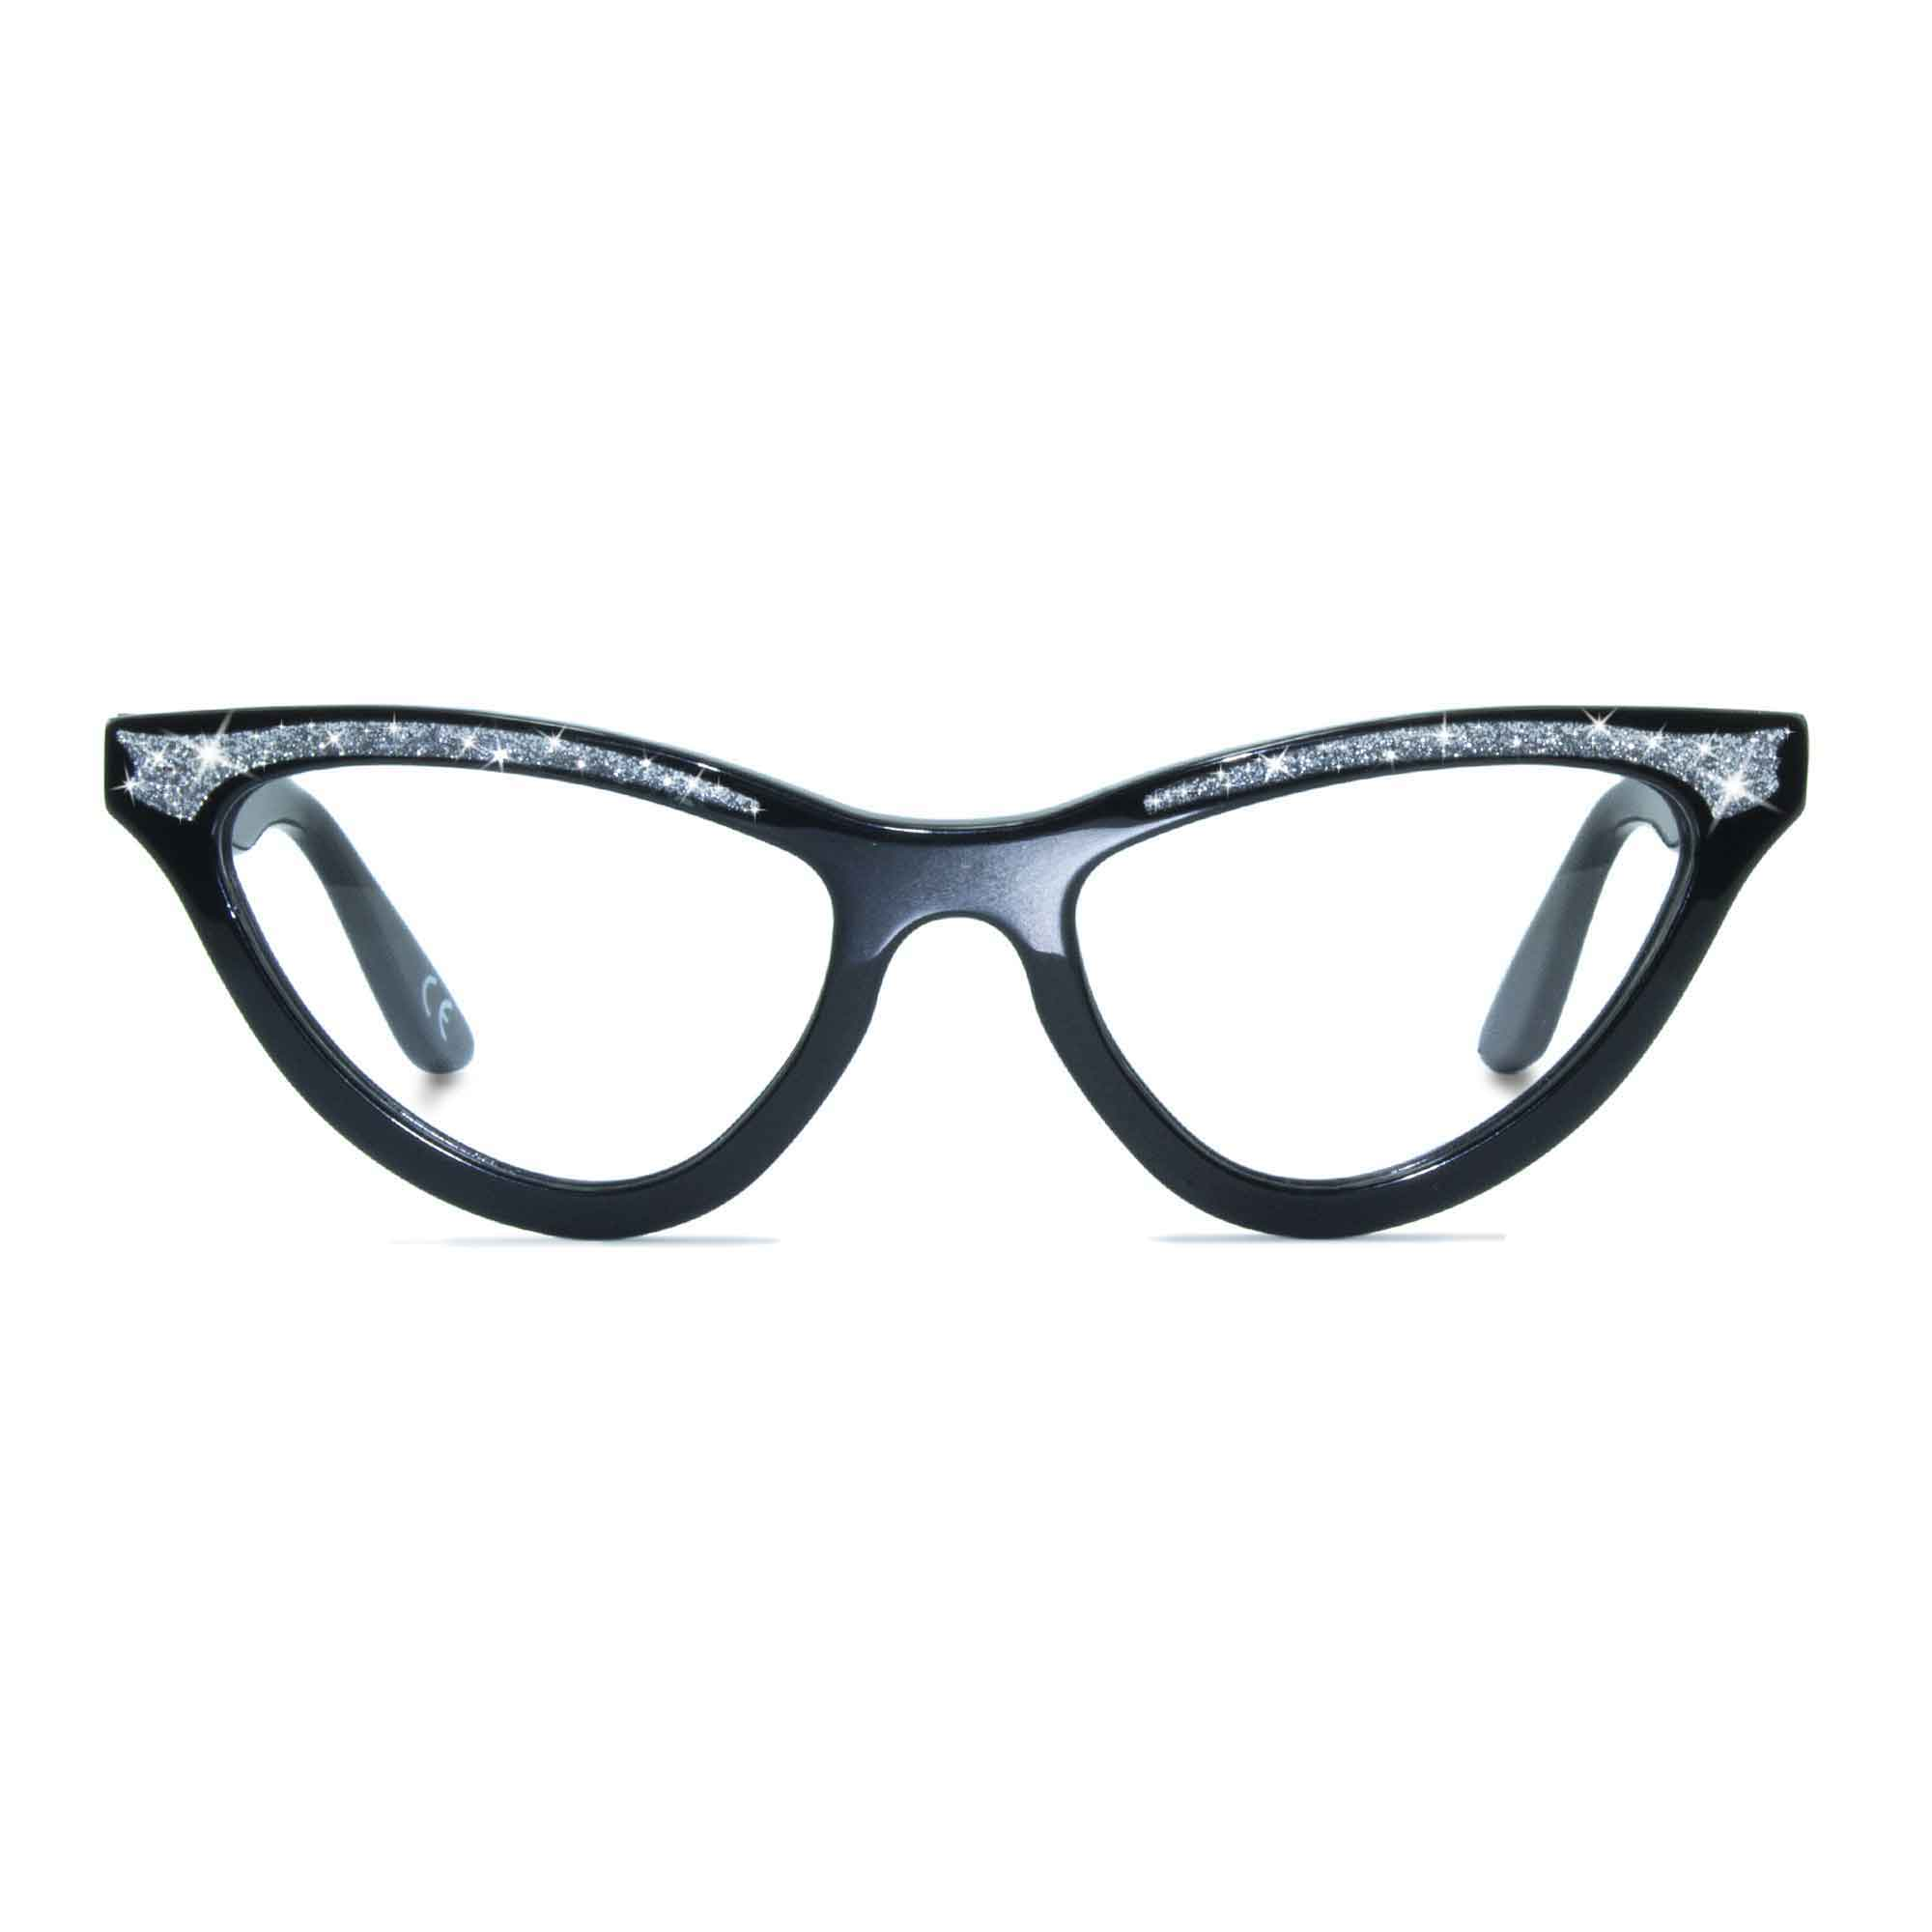 Joiuss maryloo black cat eye glasses